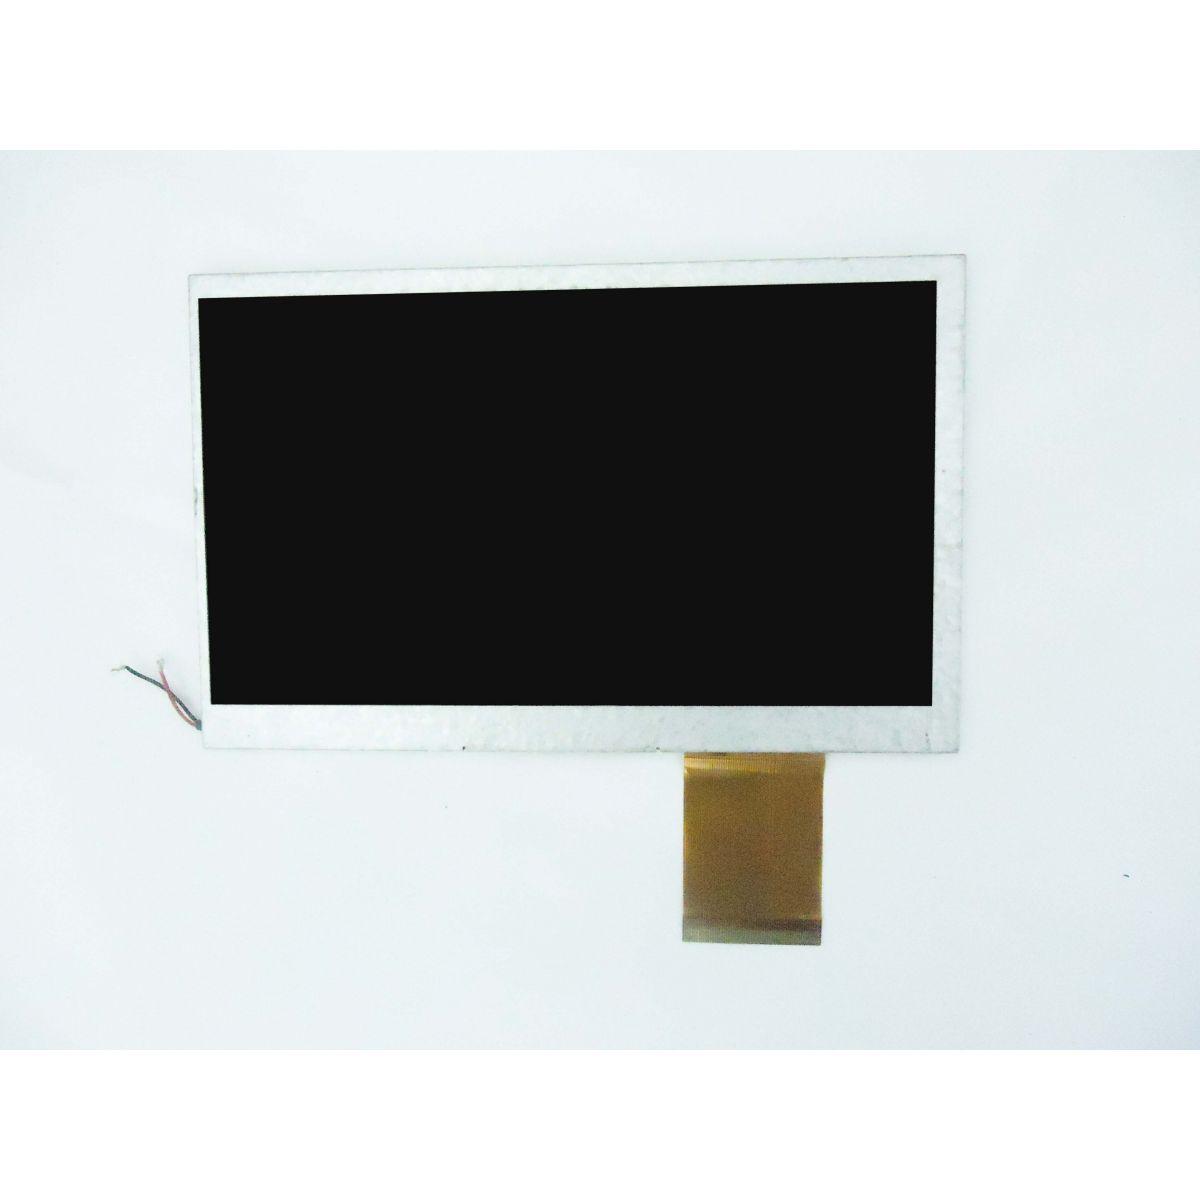 Tela Display LCD Tablet 7